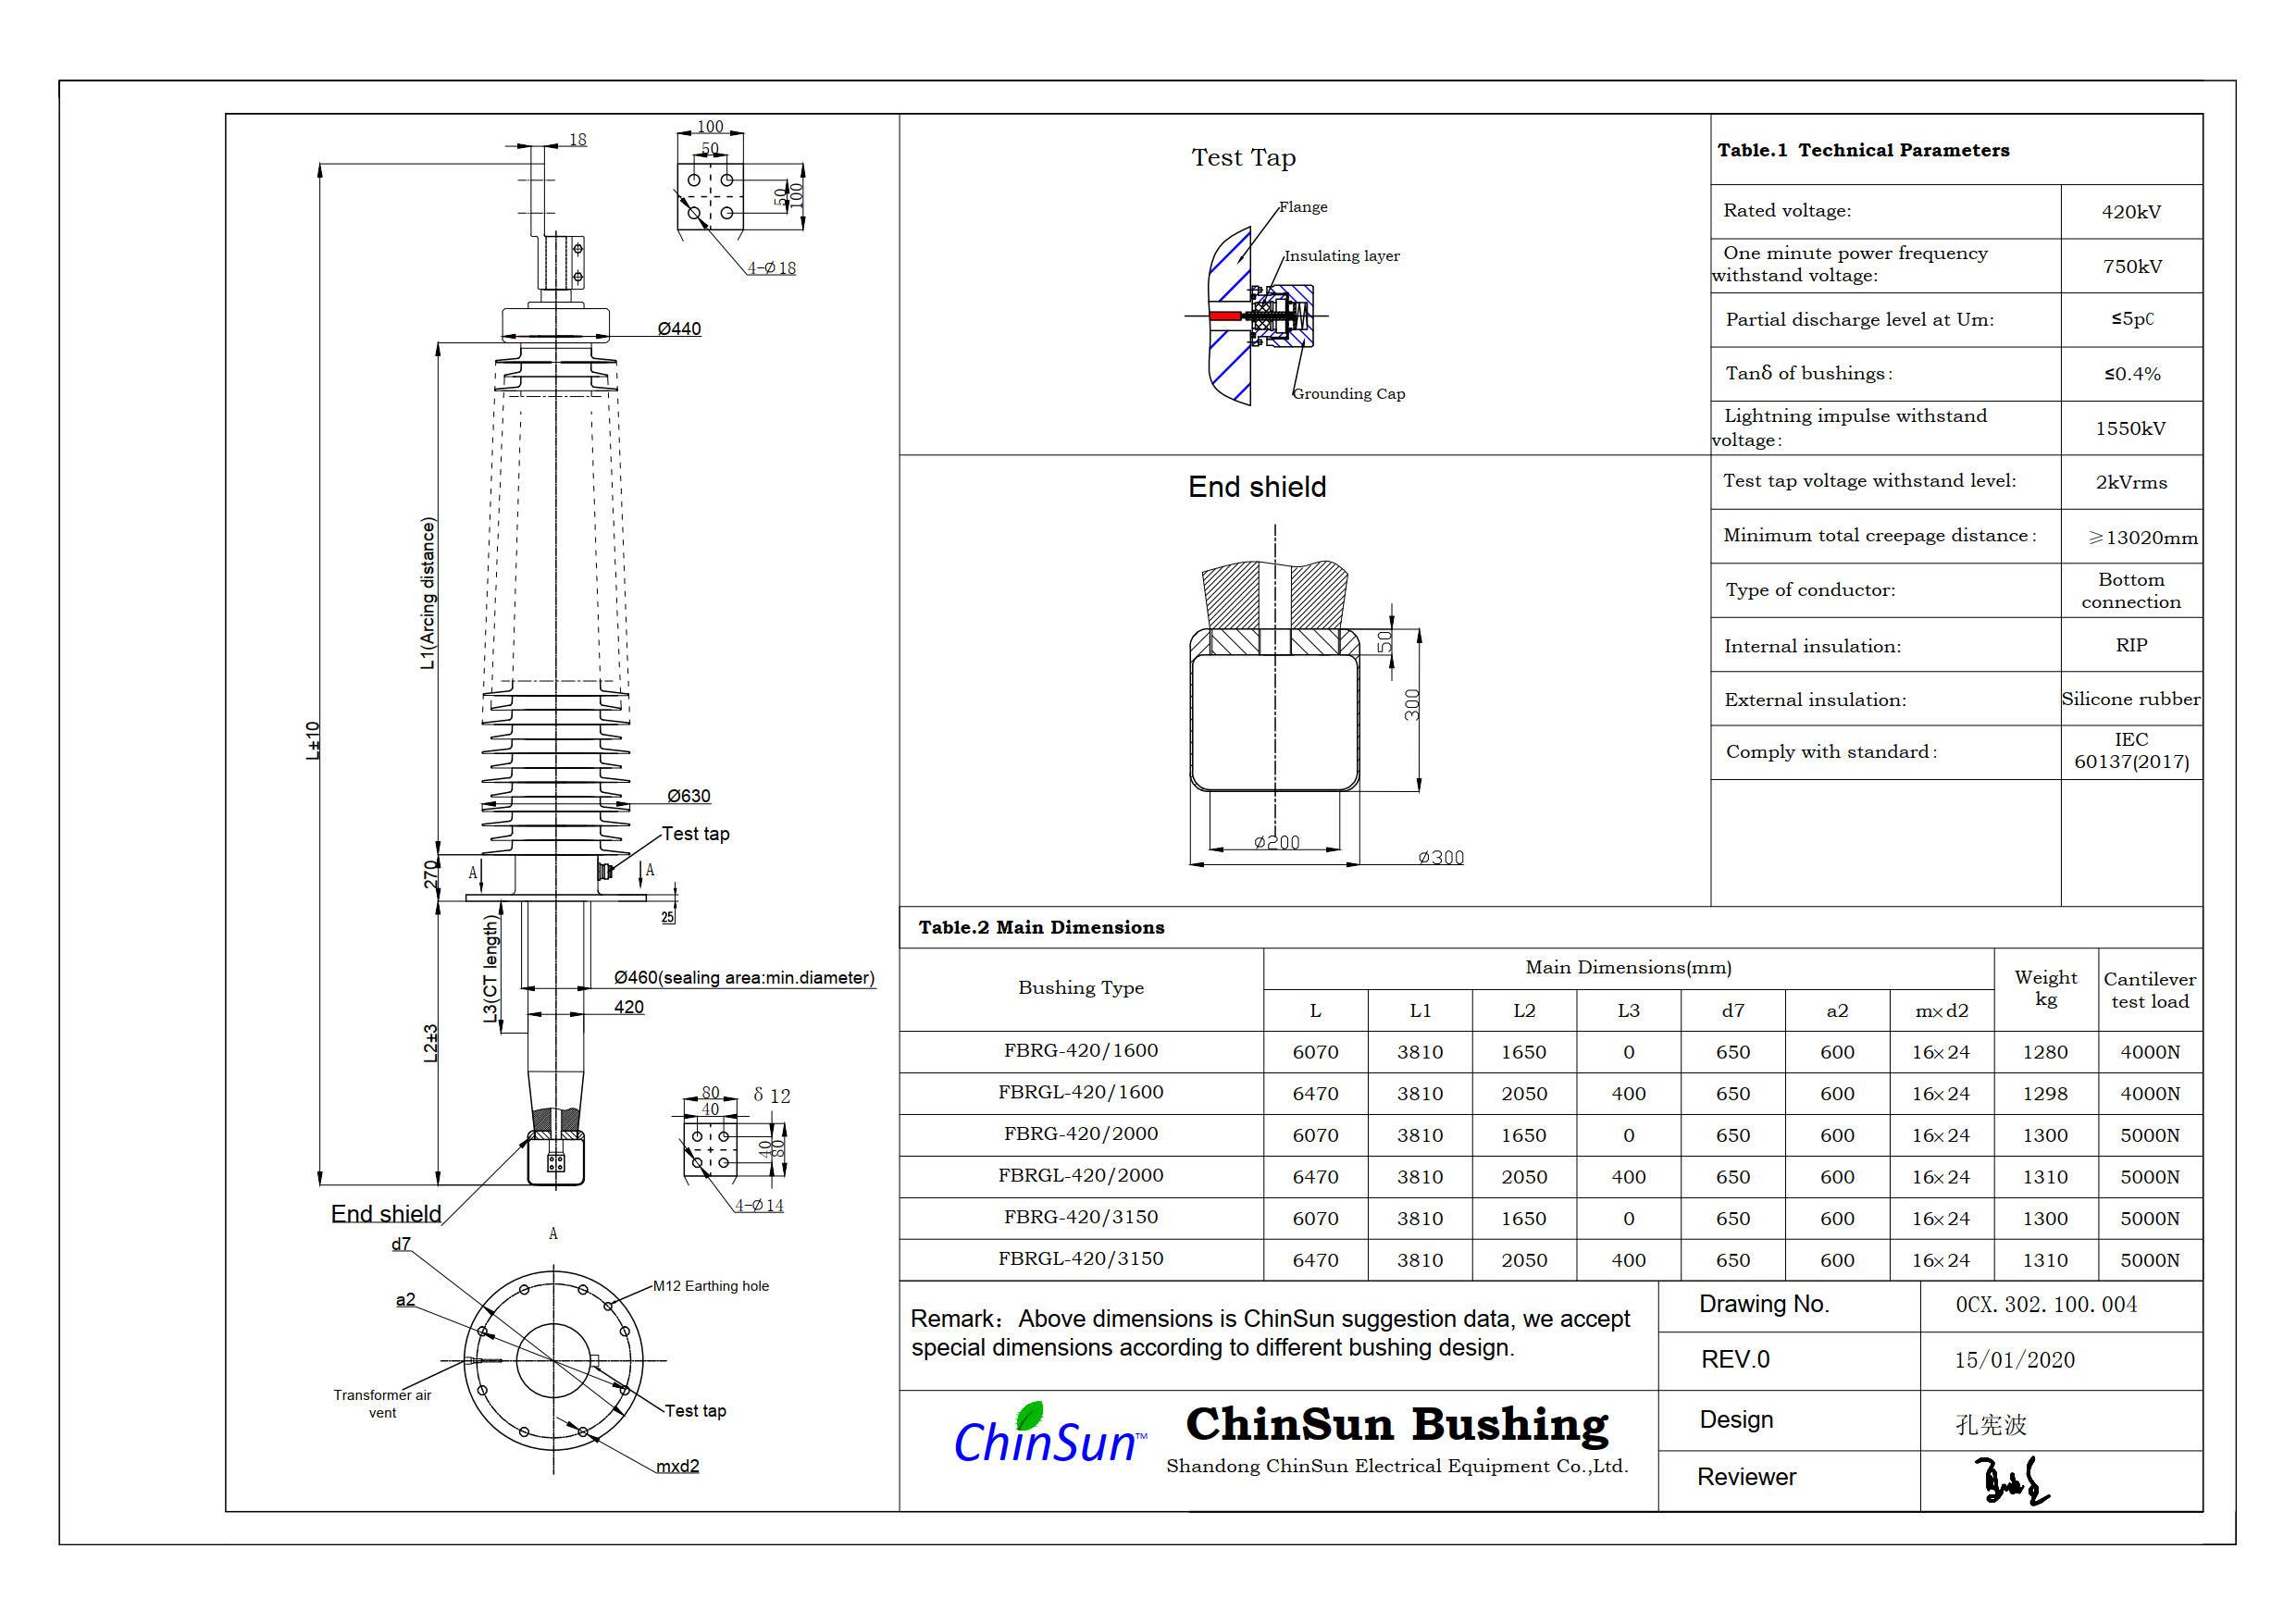 Drawing-transformer bushing-420kV siliconerubber-BC-ChinSun